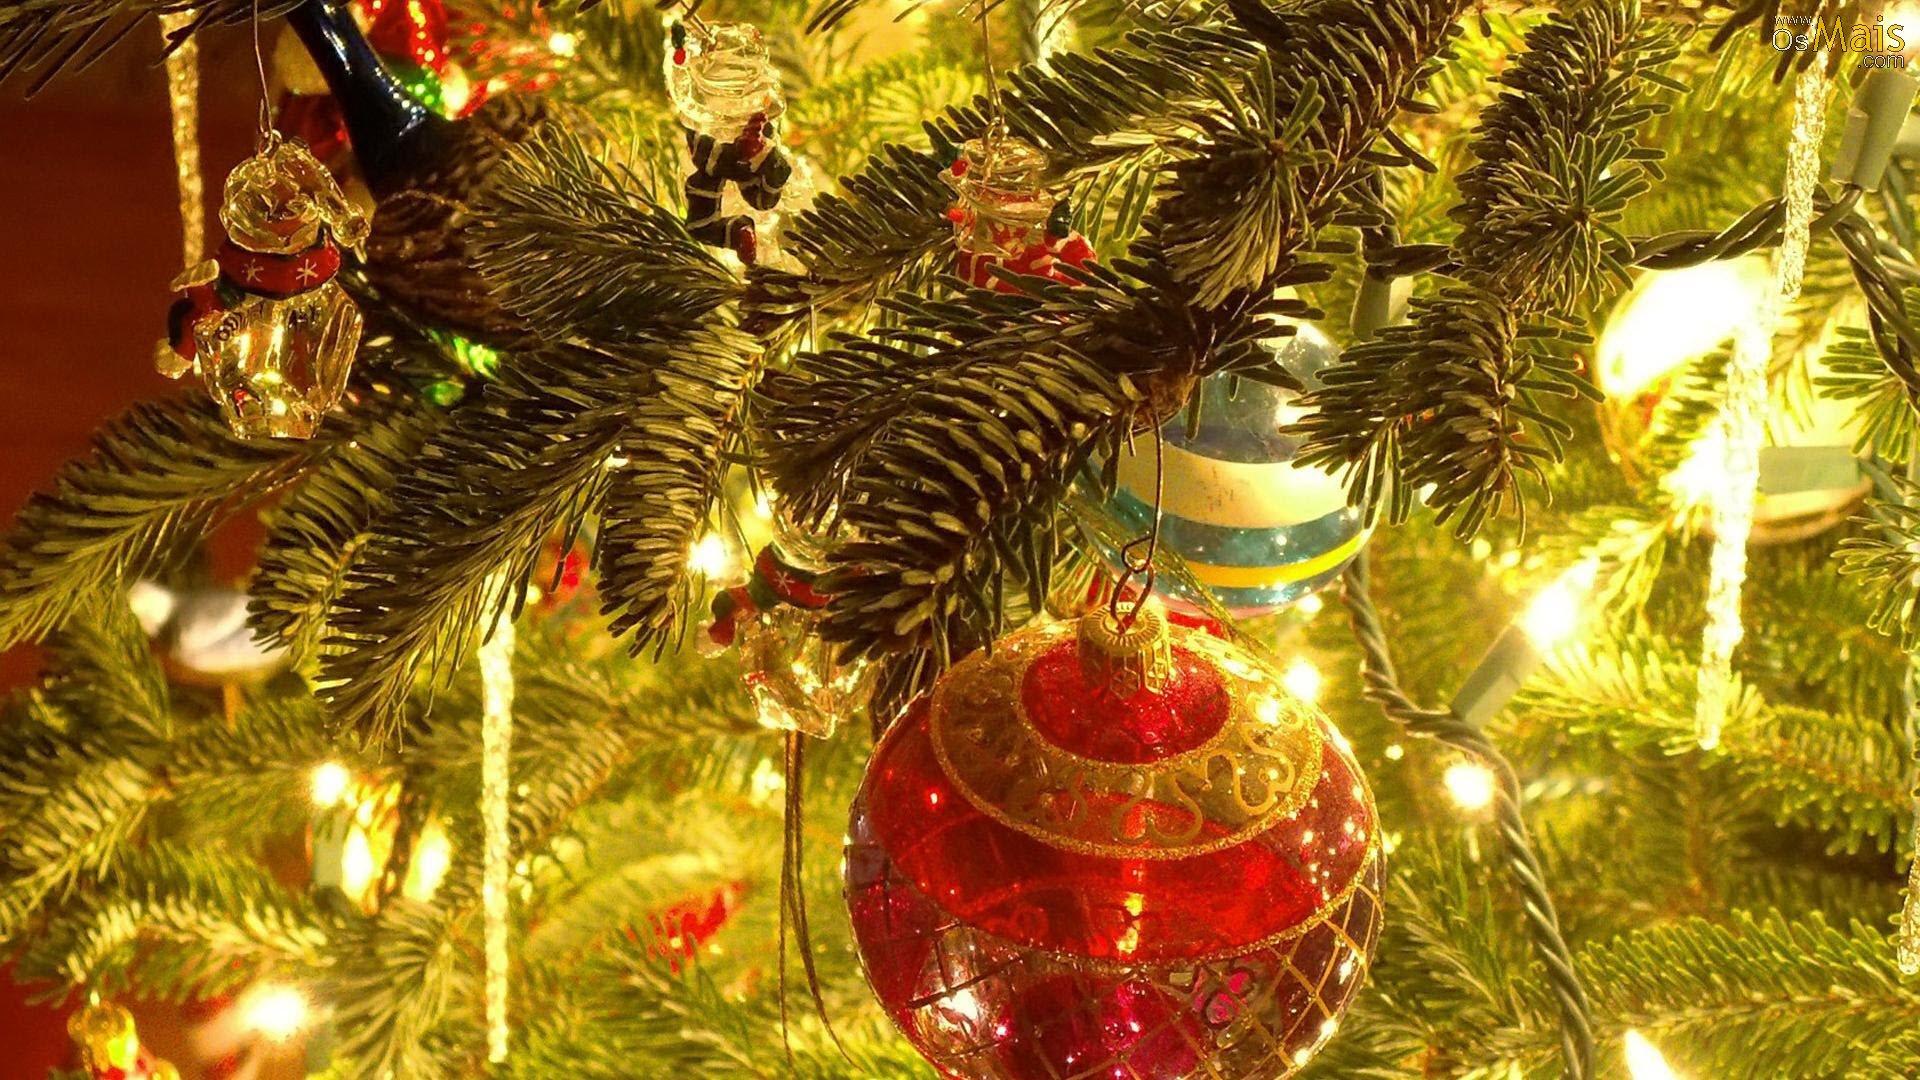 Árvore de Natal 2016 (Foto: Divulgação)